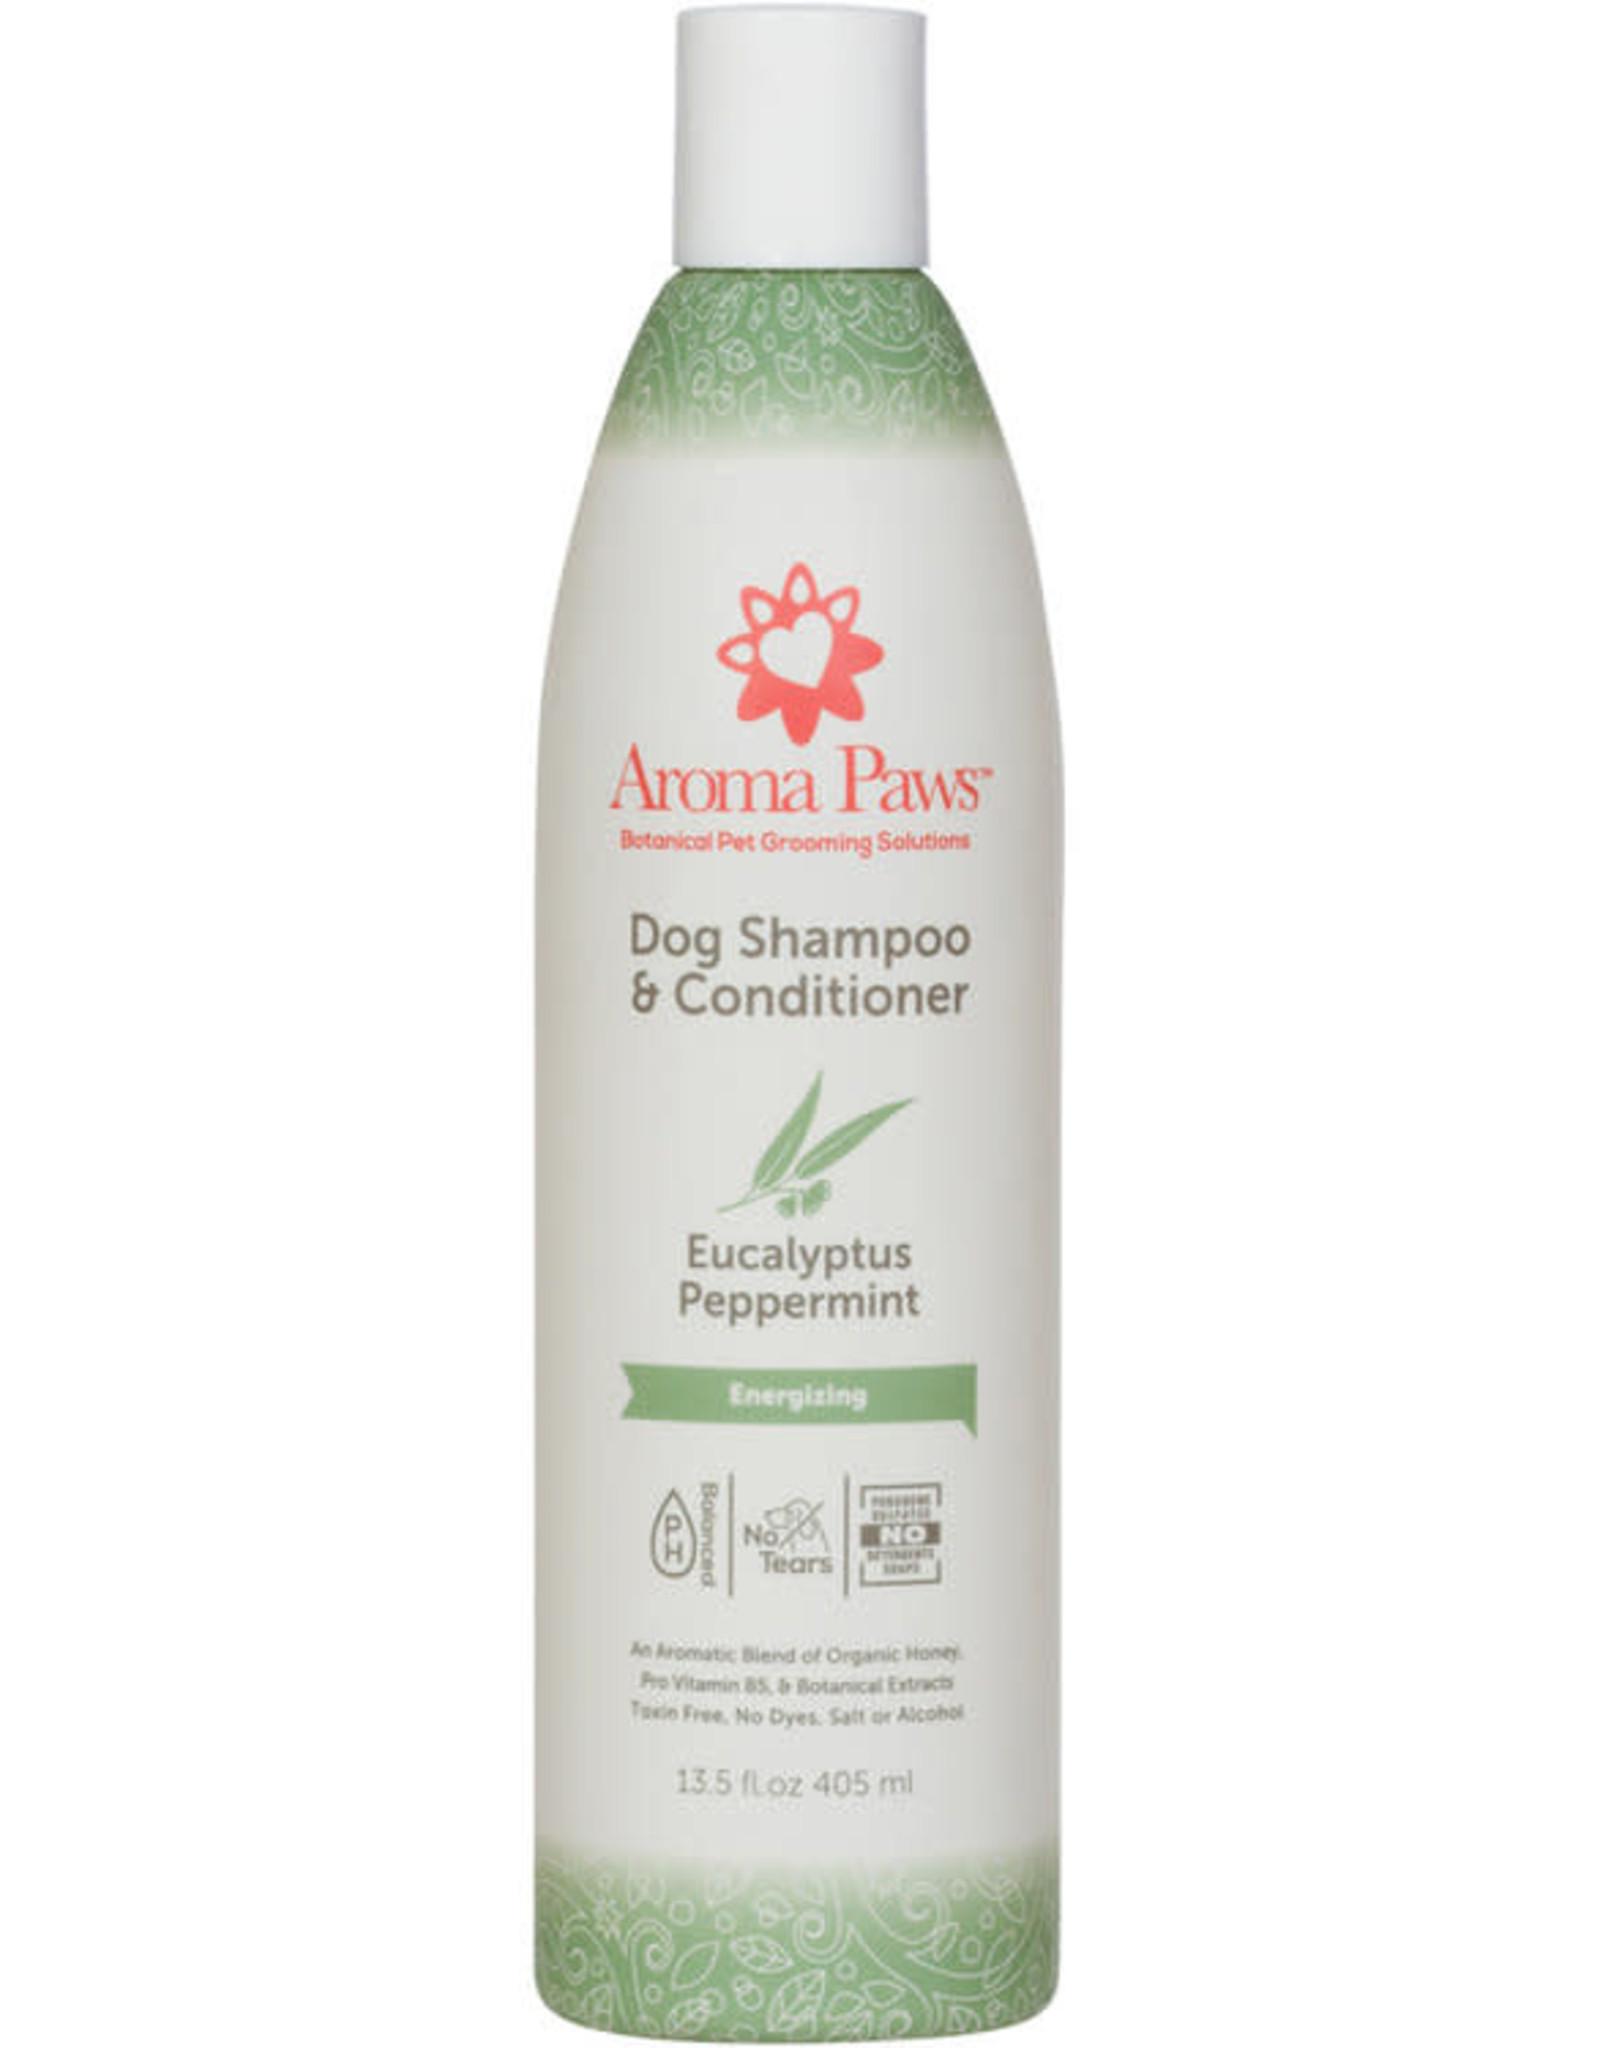 Eucalyptus Peppermint Shampoo & Conditioner